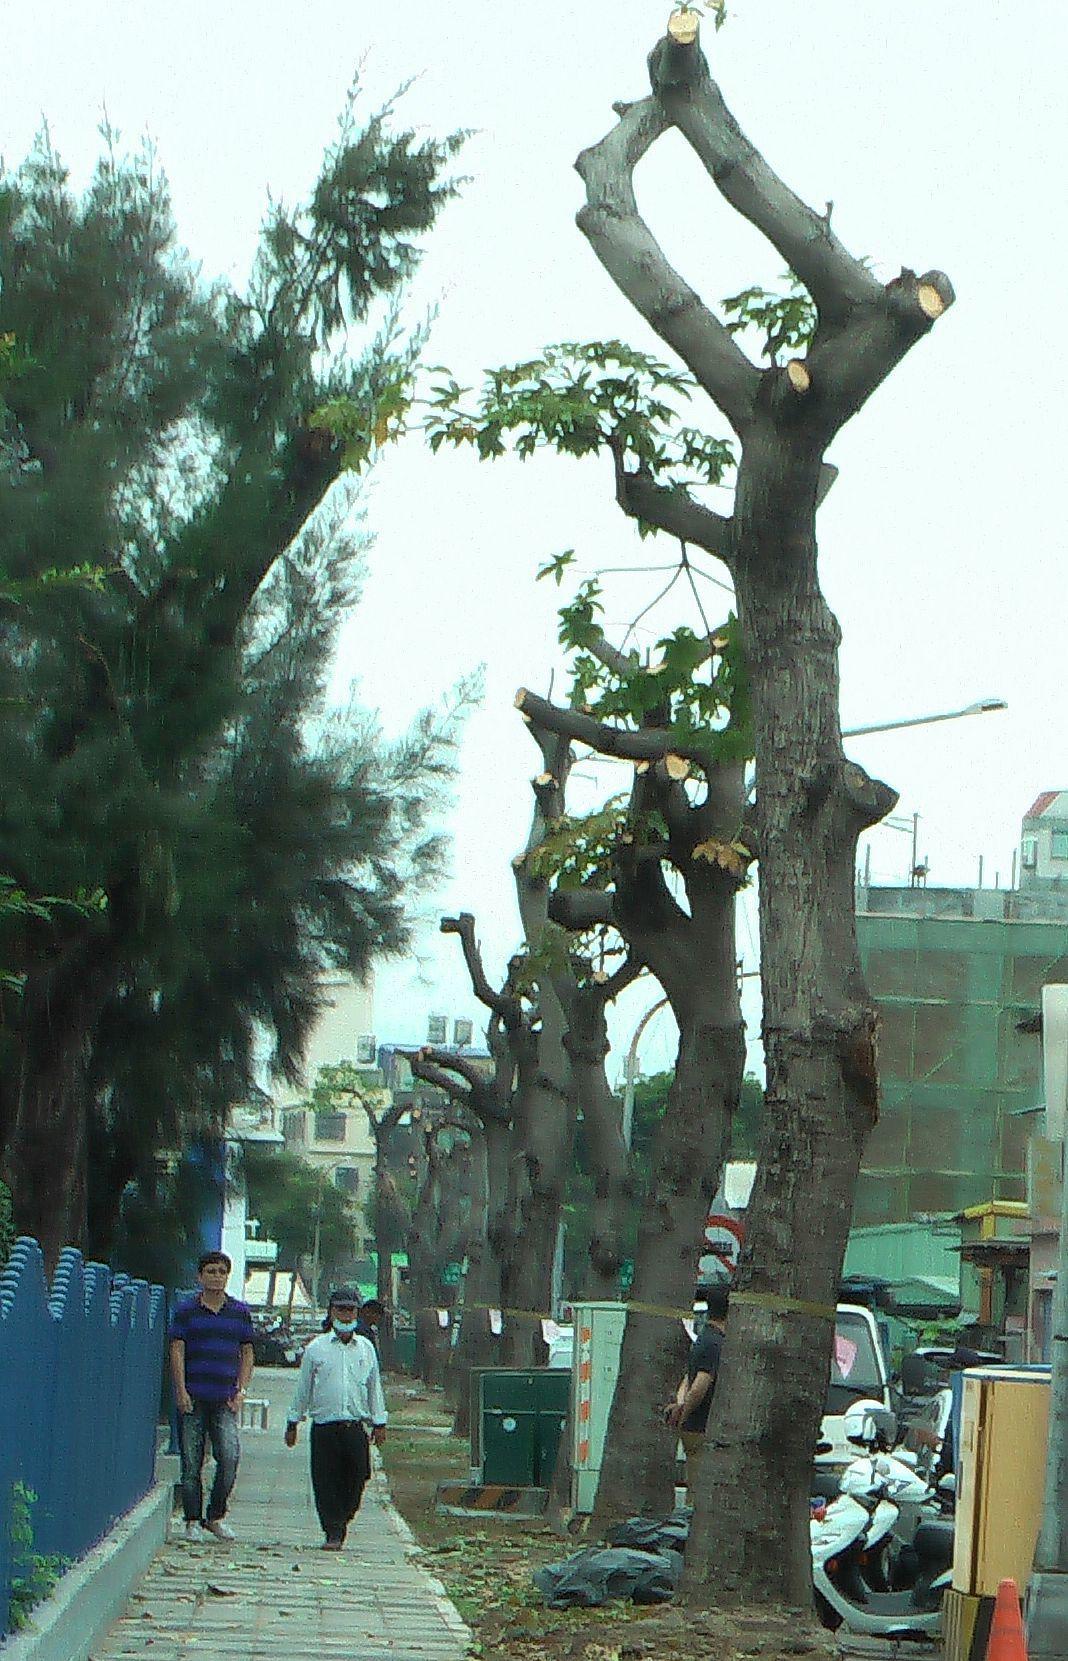 樹木不當修剪及移植,常引起護樹團體抗議。記者徐如宜/攝影